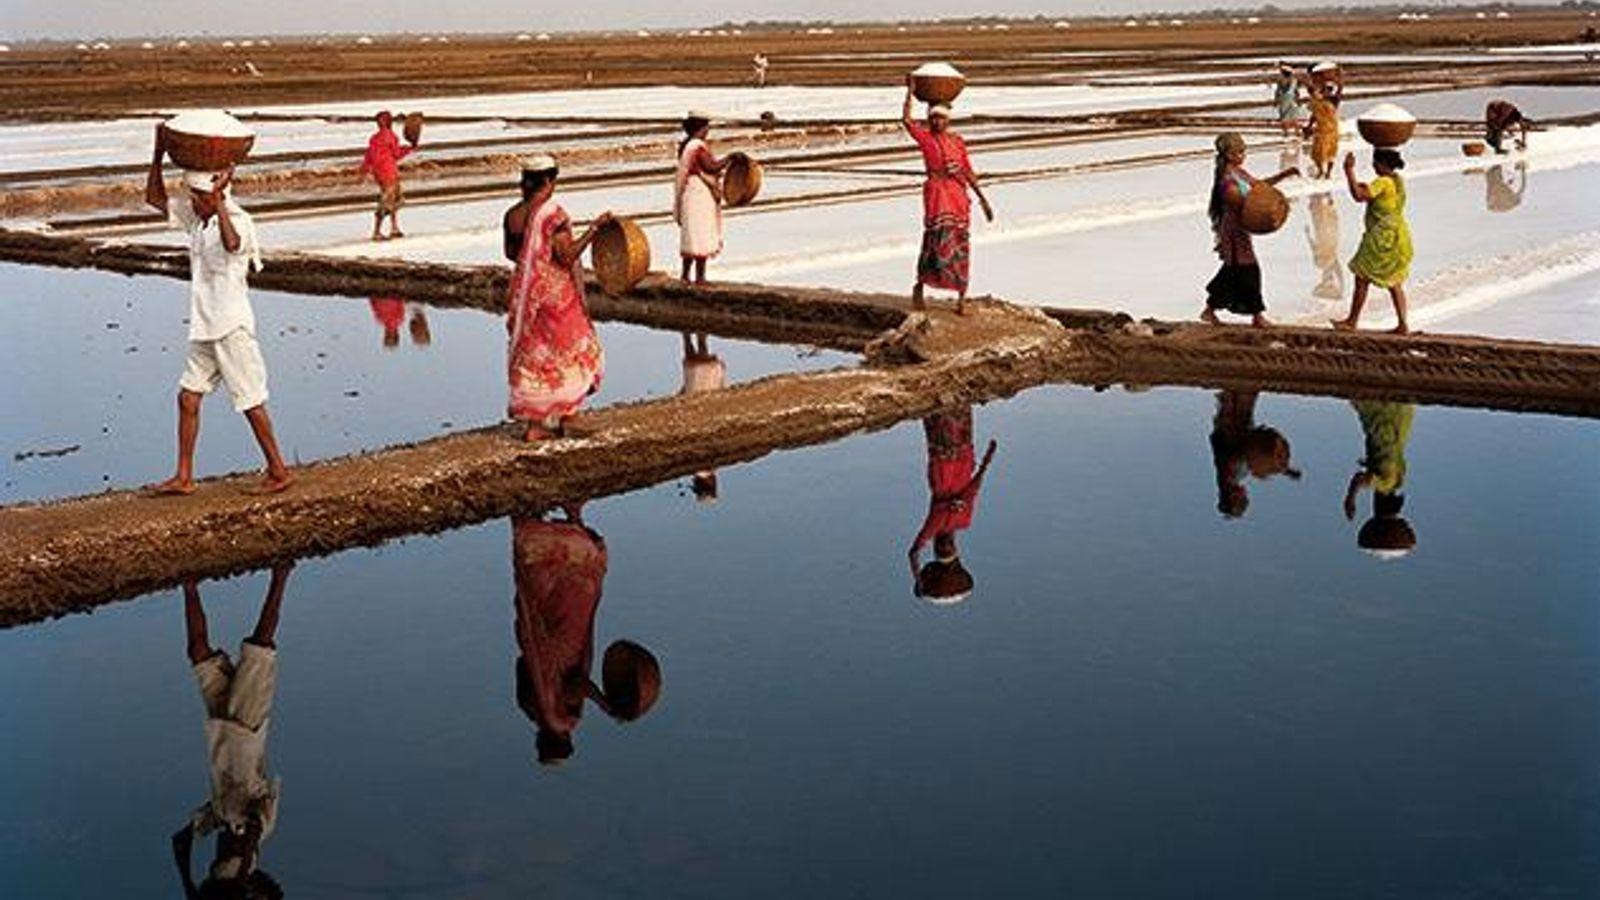 Arbeiter heute bei der Salzernte in Dharasana, Gujarat